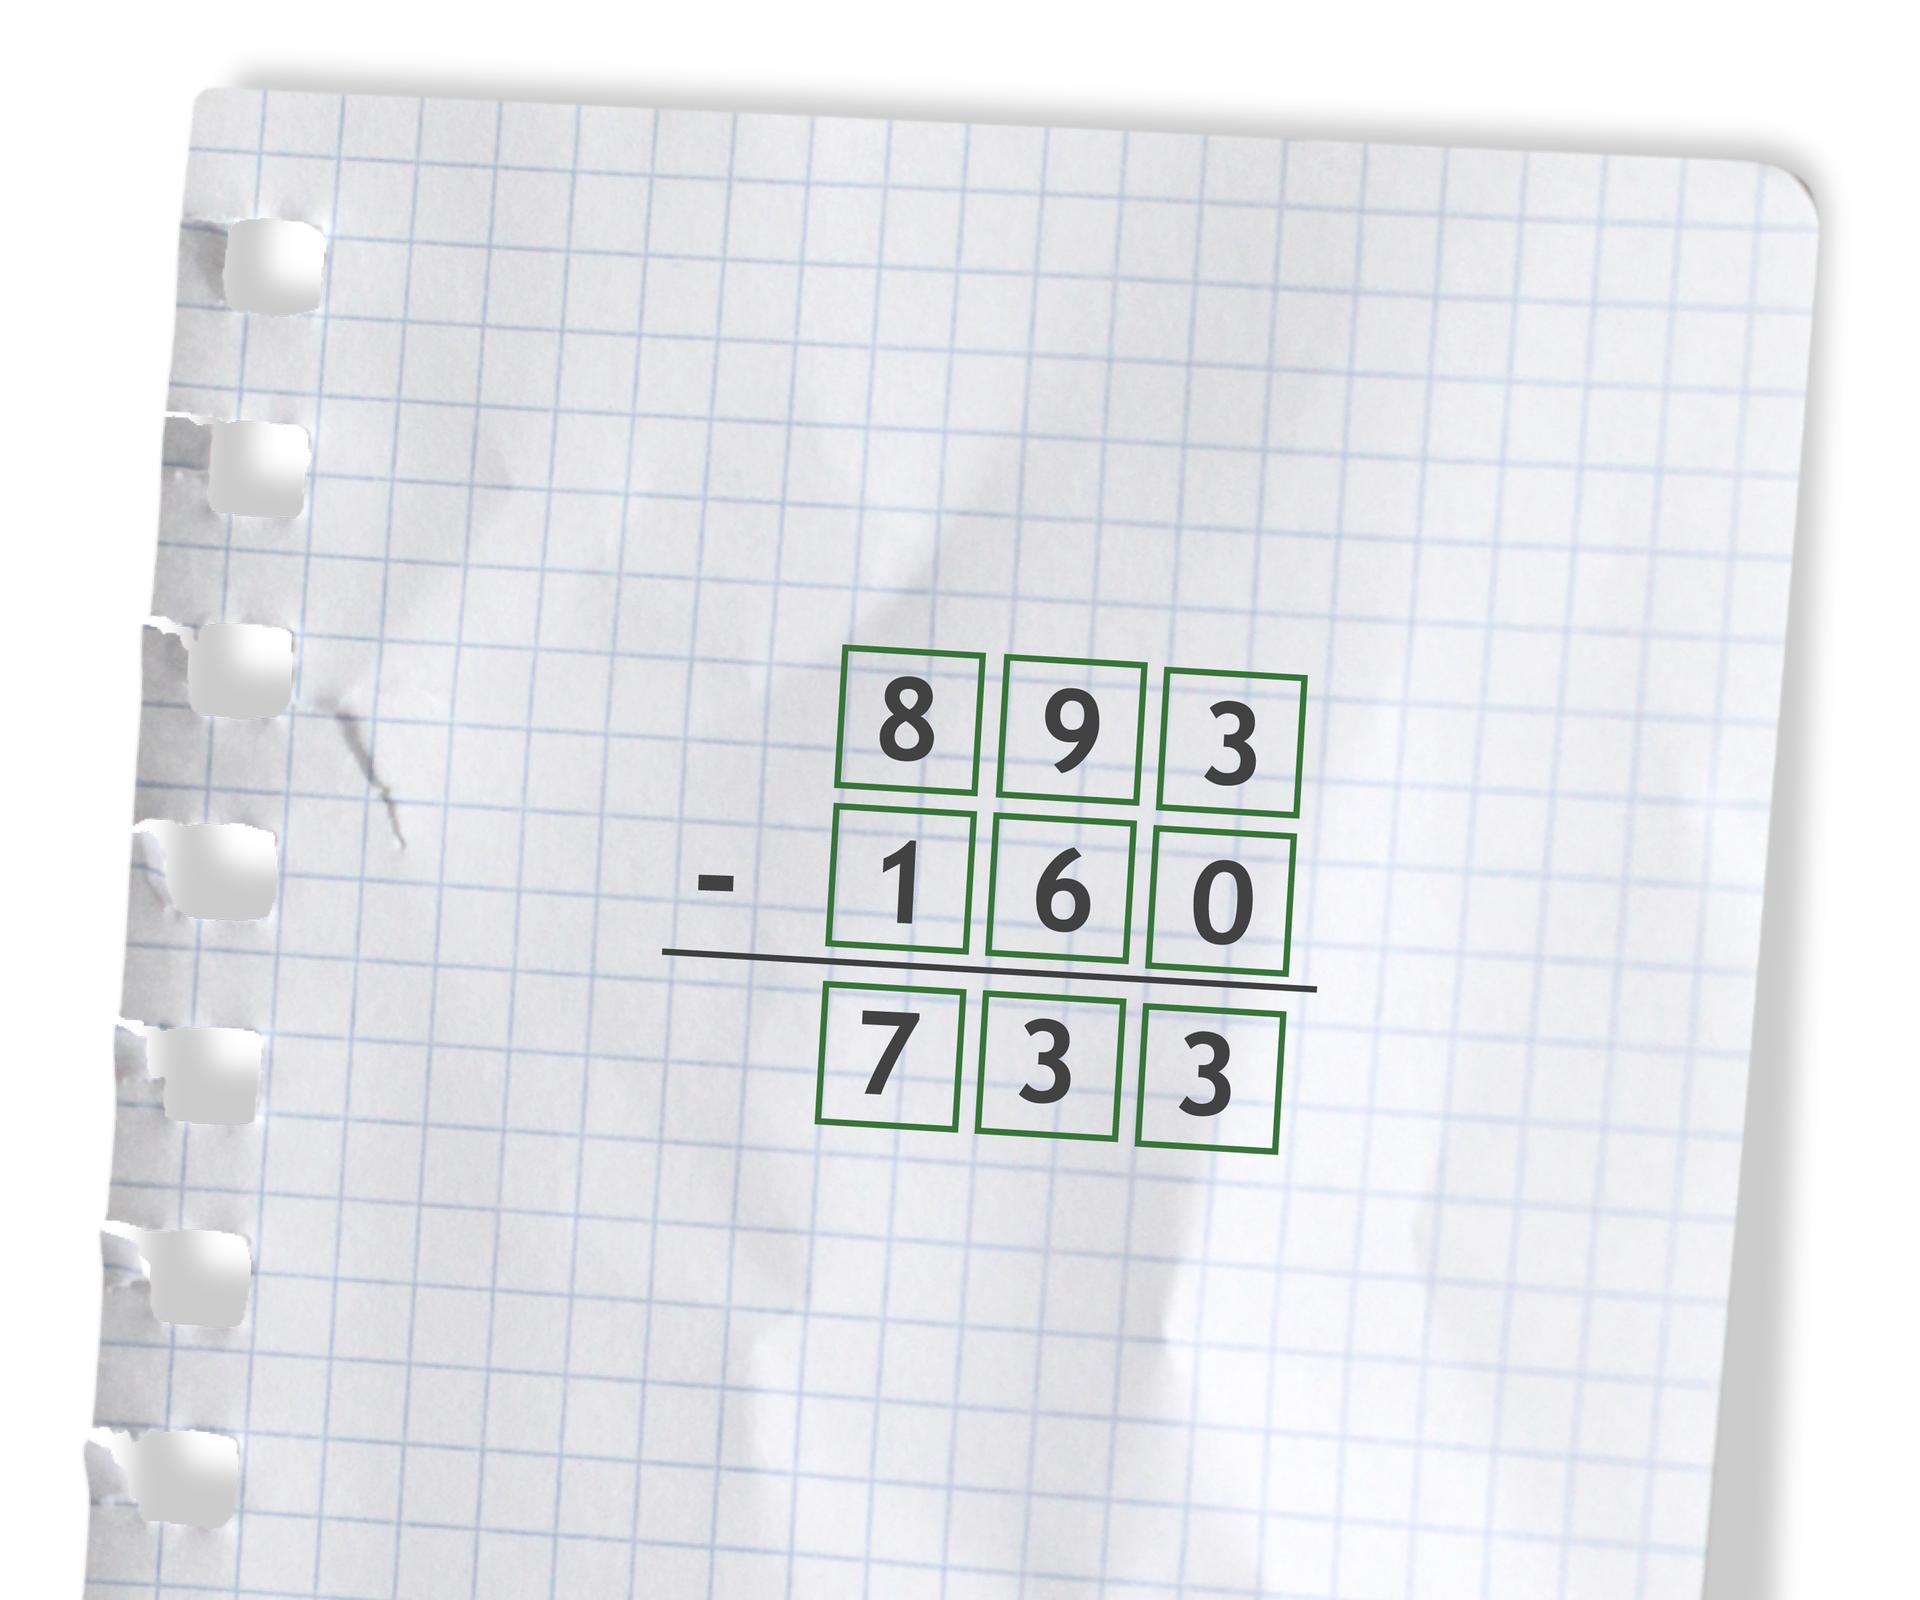 Przykład: 893 - 160 =733. Rozwiązanie zadania podpunkt d.